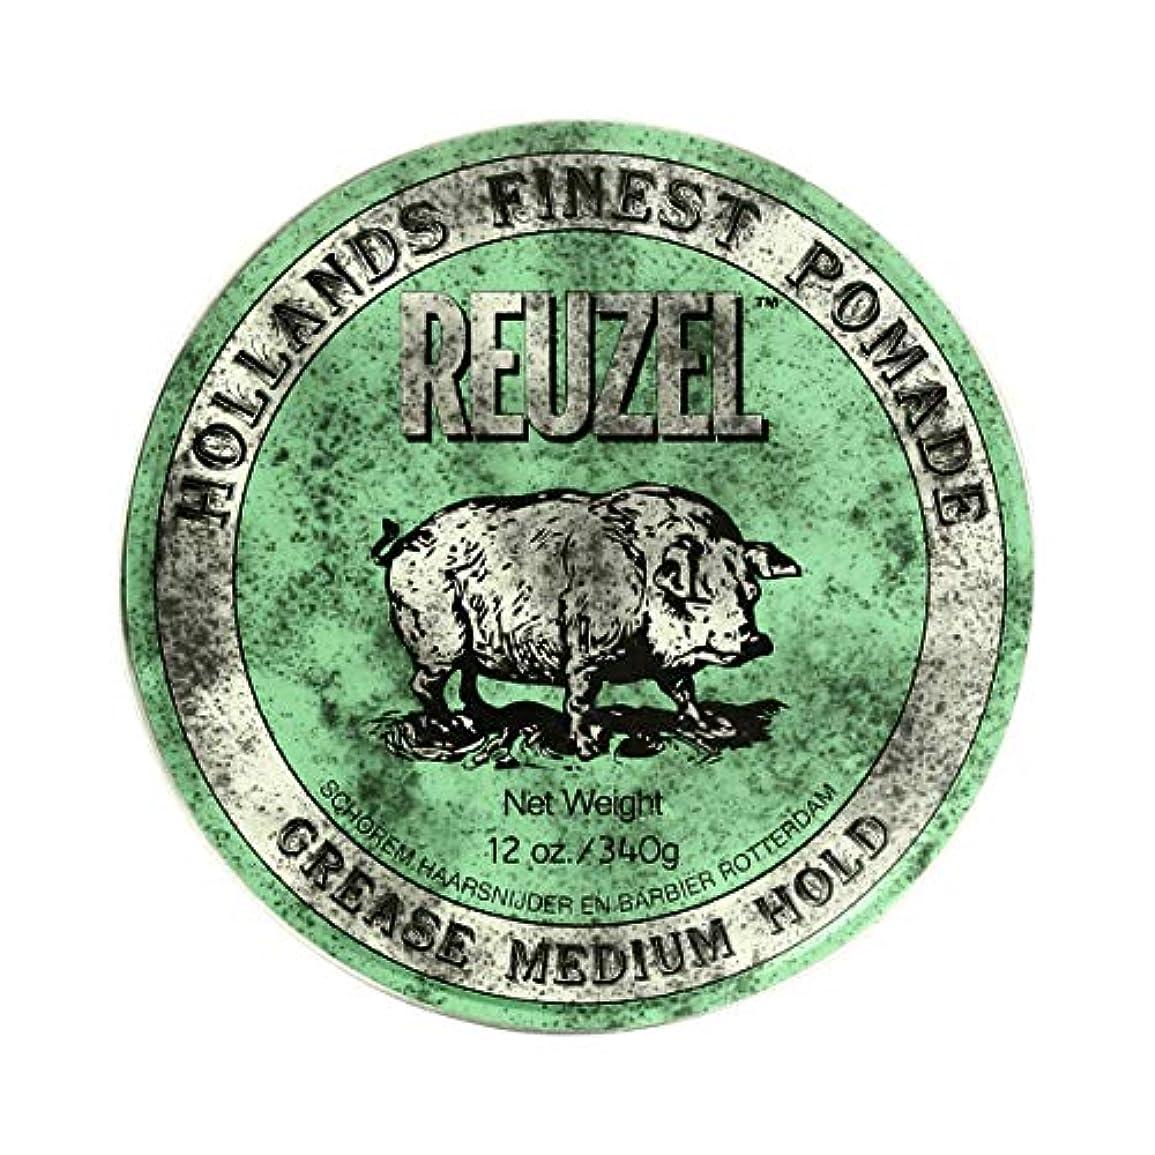 渇き義務的楕円形REUZEL ルーゾー グリースポマード ミディアムホールド 340g[海外直送品] [並行輸入品]